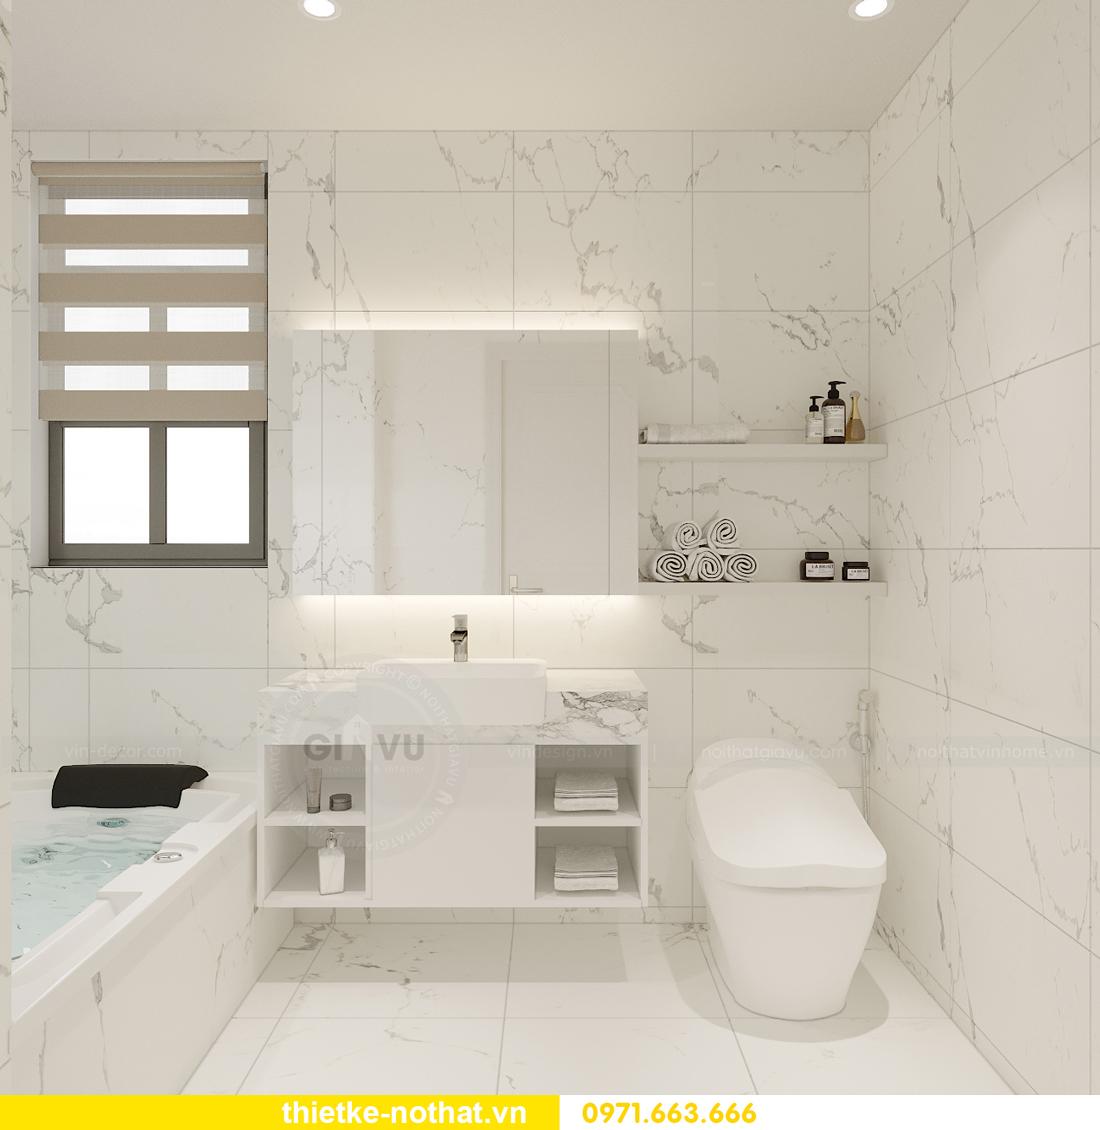 thiết kế nội thất biệt thự đẹp nhà anh Sơn Hải Phòng 16